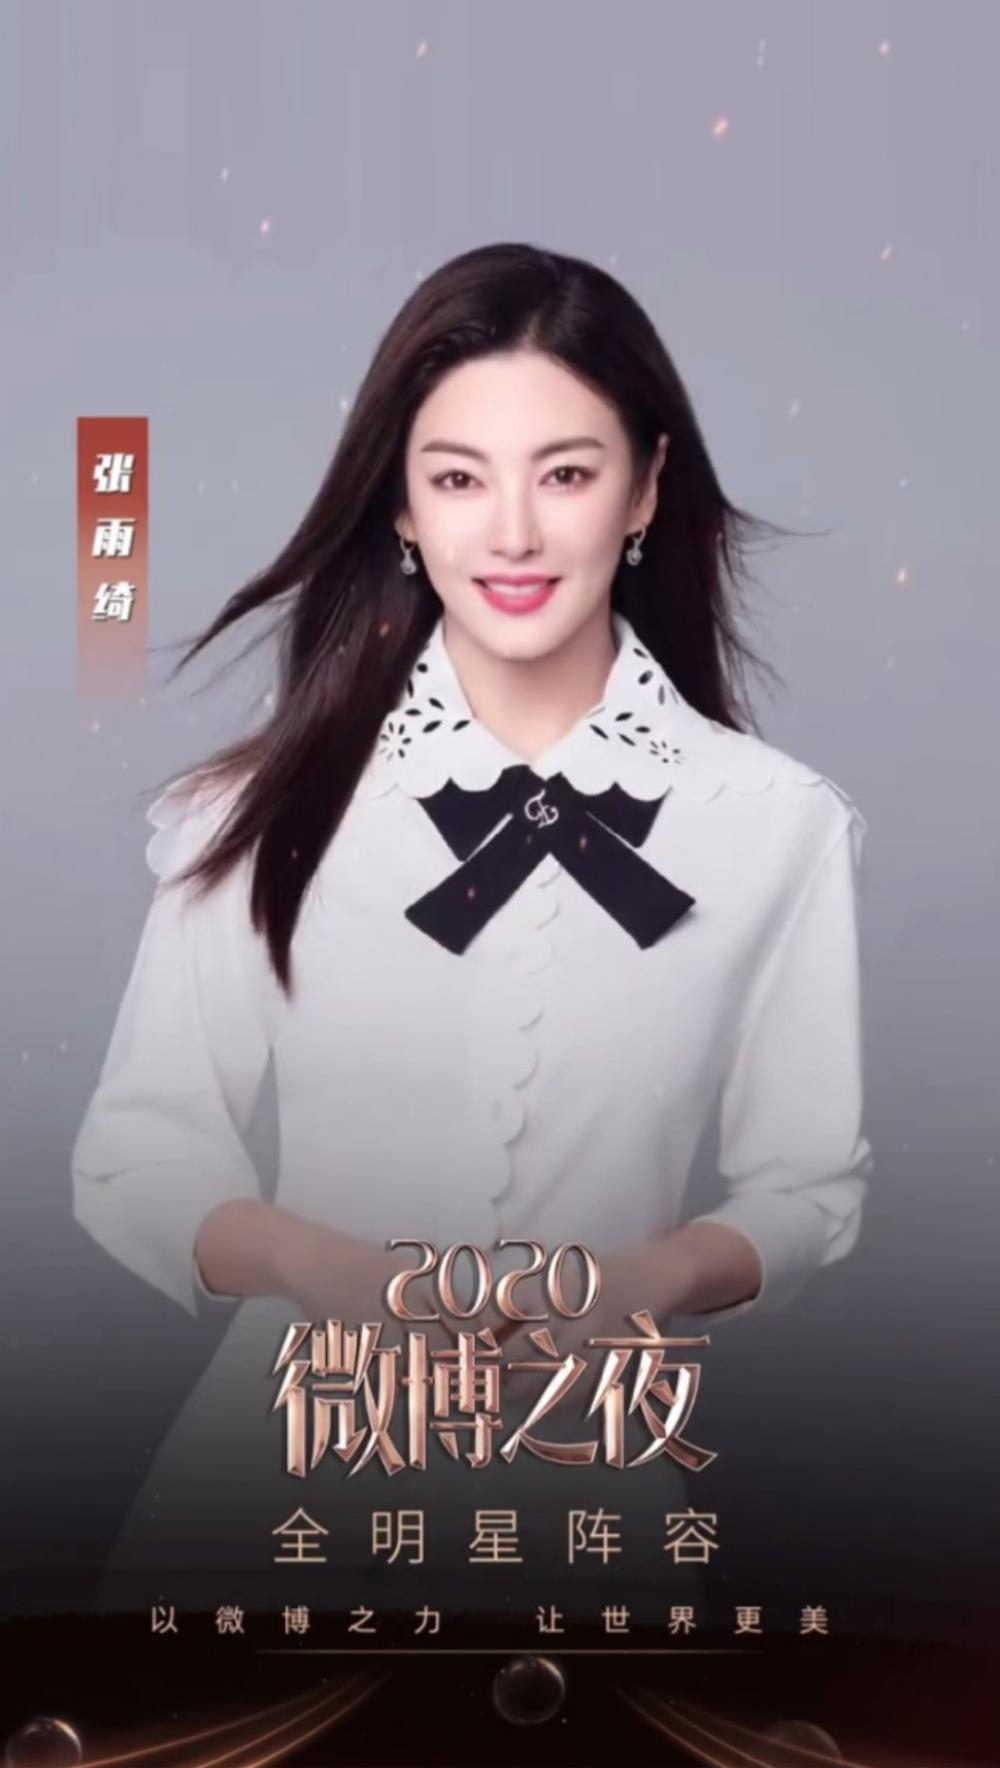 Tiêu Chiến - Địch Lệ Nhiệt Ba và Vương Tuấn Khải xác nhận tham dự 'Đêm hội Weibo 2020' Ảnh 10